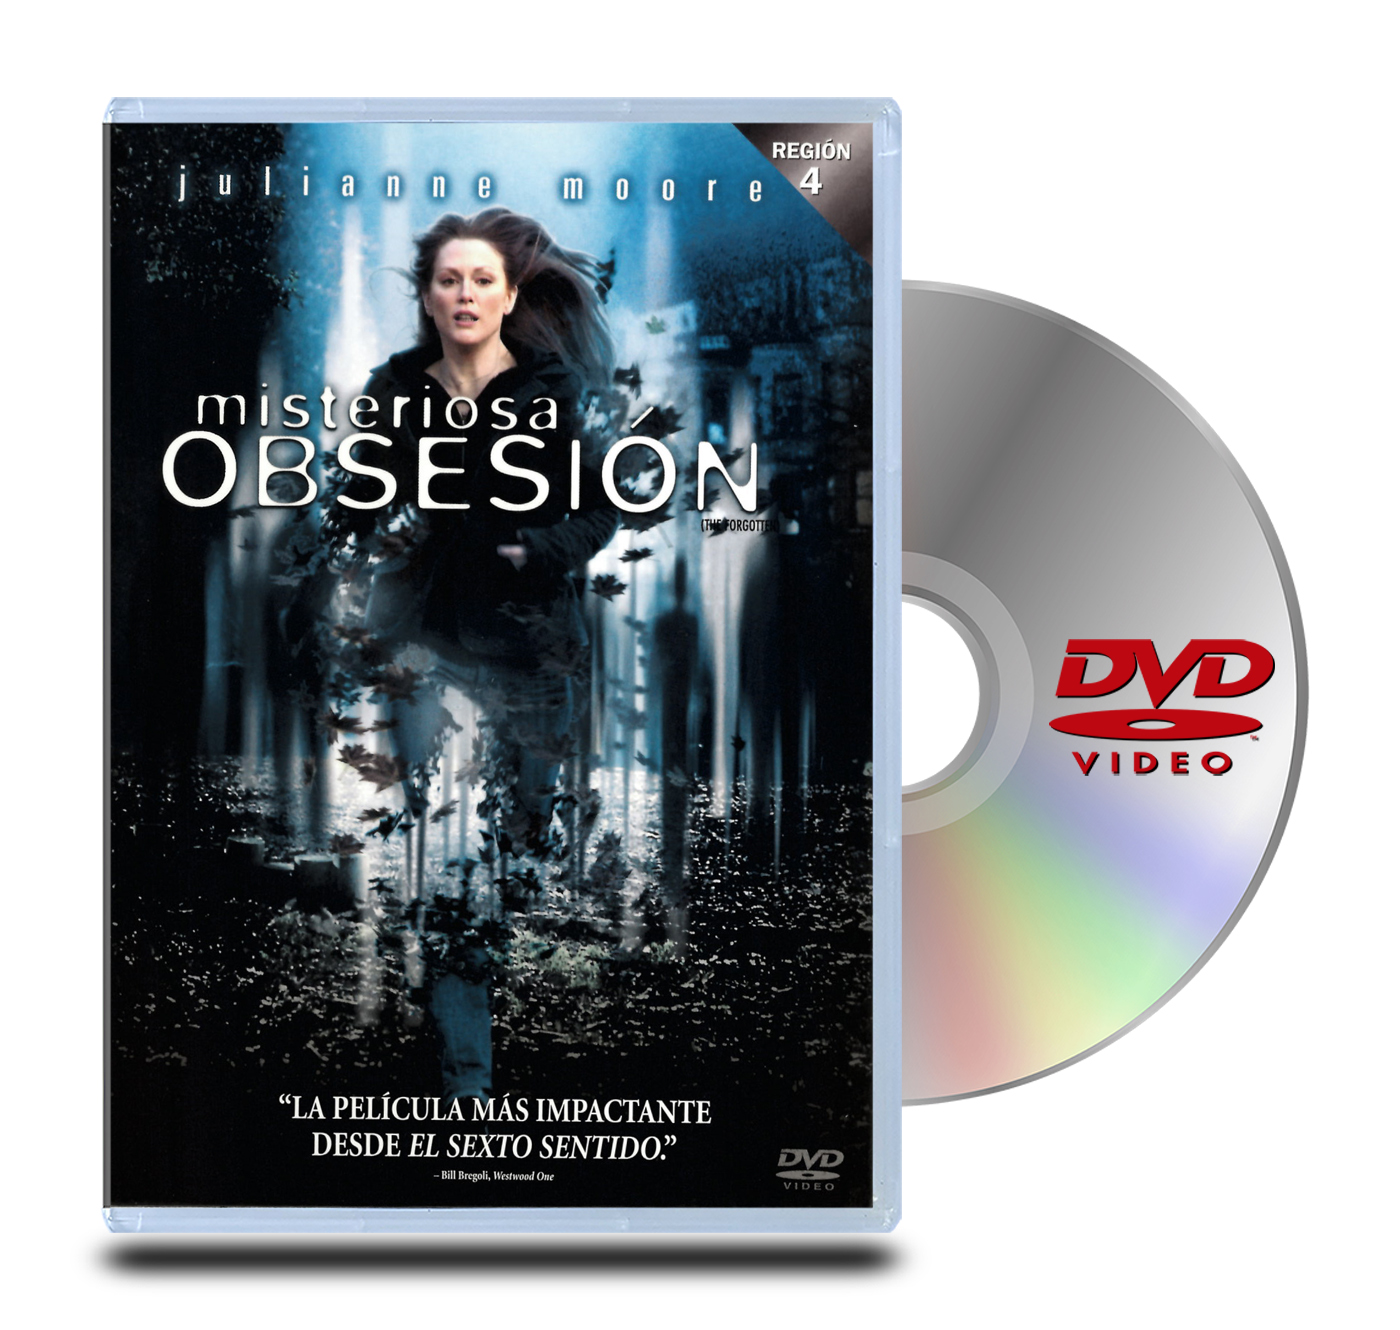 DVD Misteriosa Obsesion